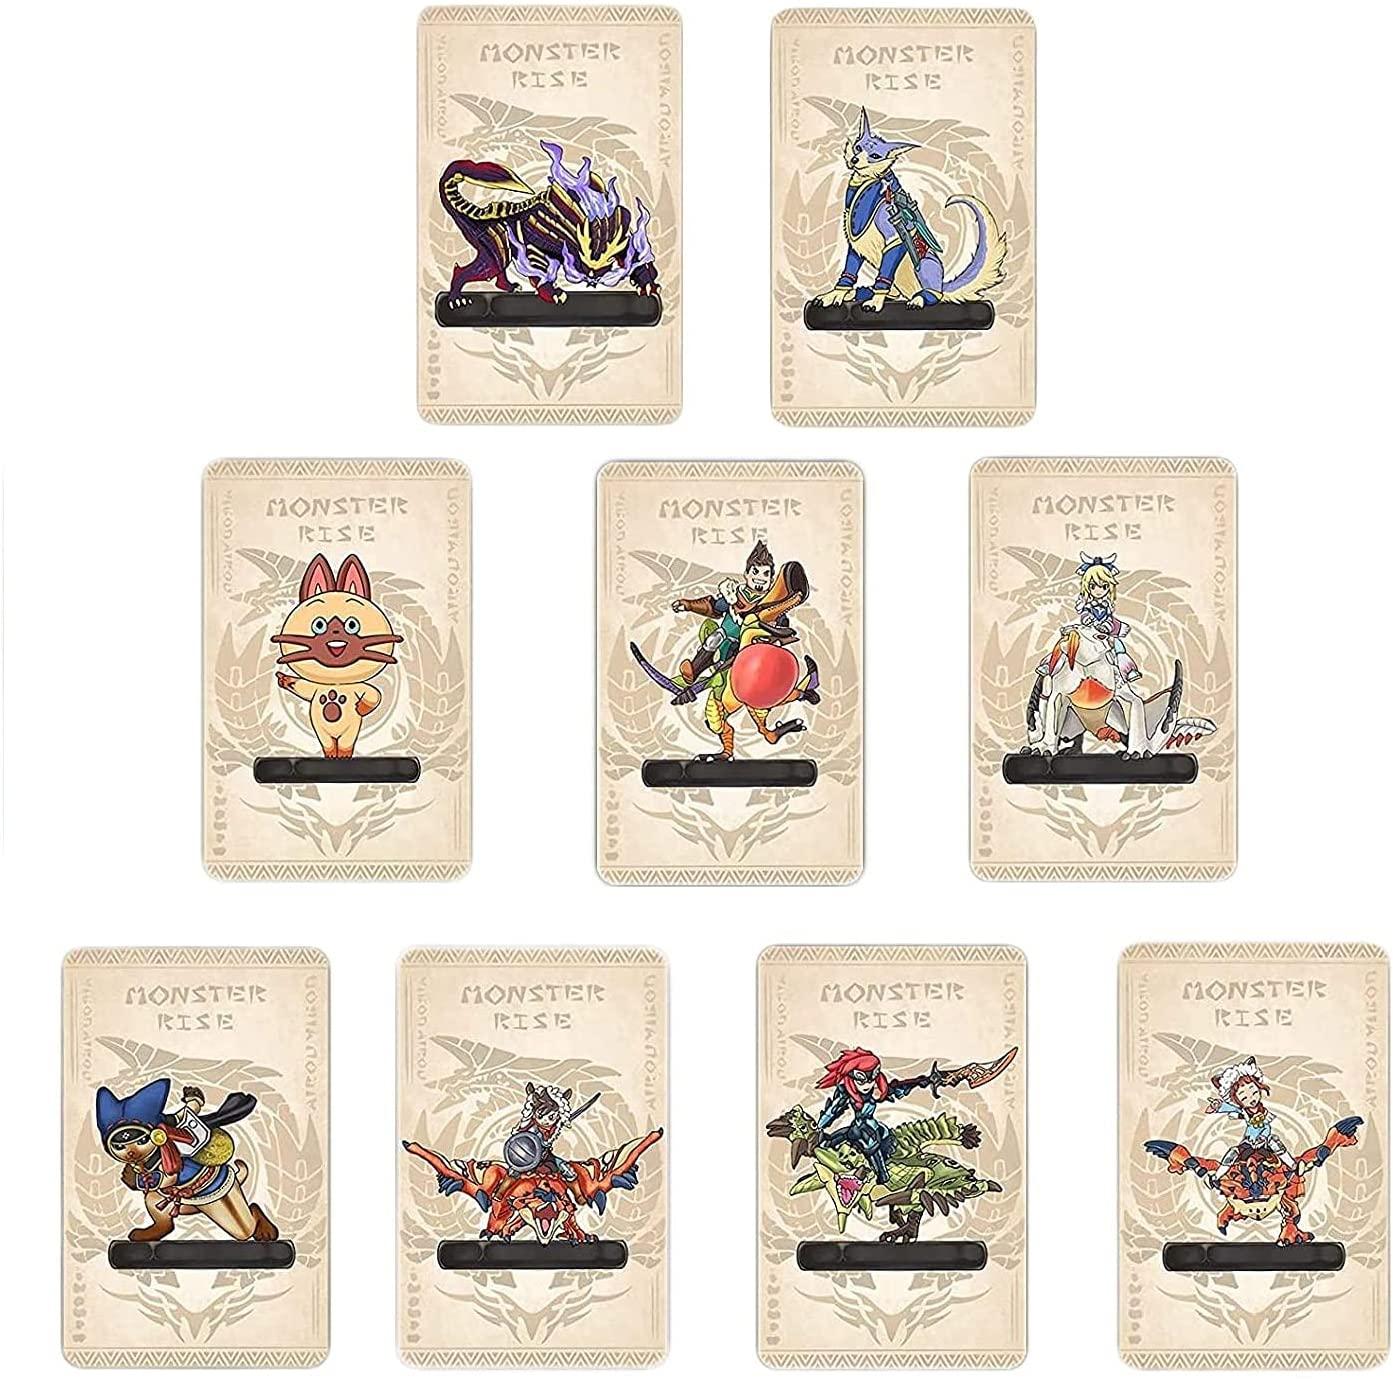 9 개 몬스터 헌터 상승 NFC AMIIBO 미니 카드 포함:PALAMUTE PALICO MAGNAMALO. 호환 스위치 스위치 라이트. 크리스탈 케이스가있는 타사 카드